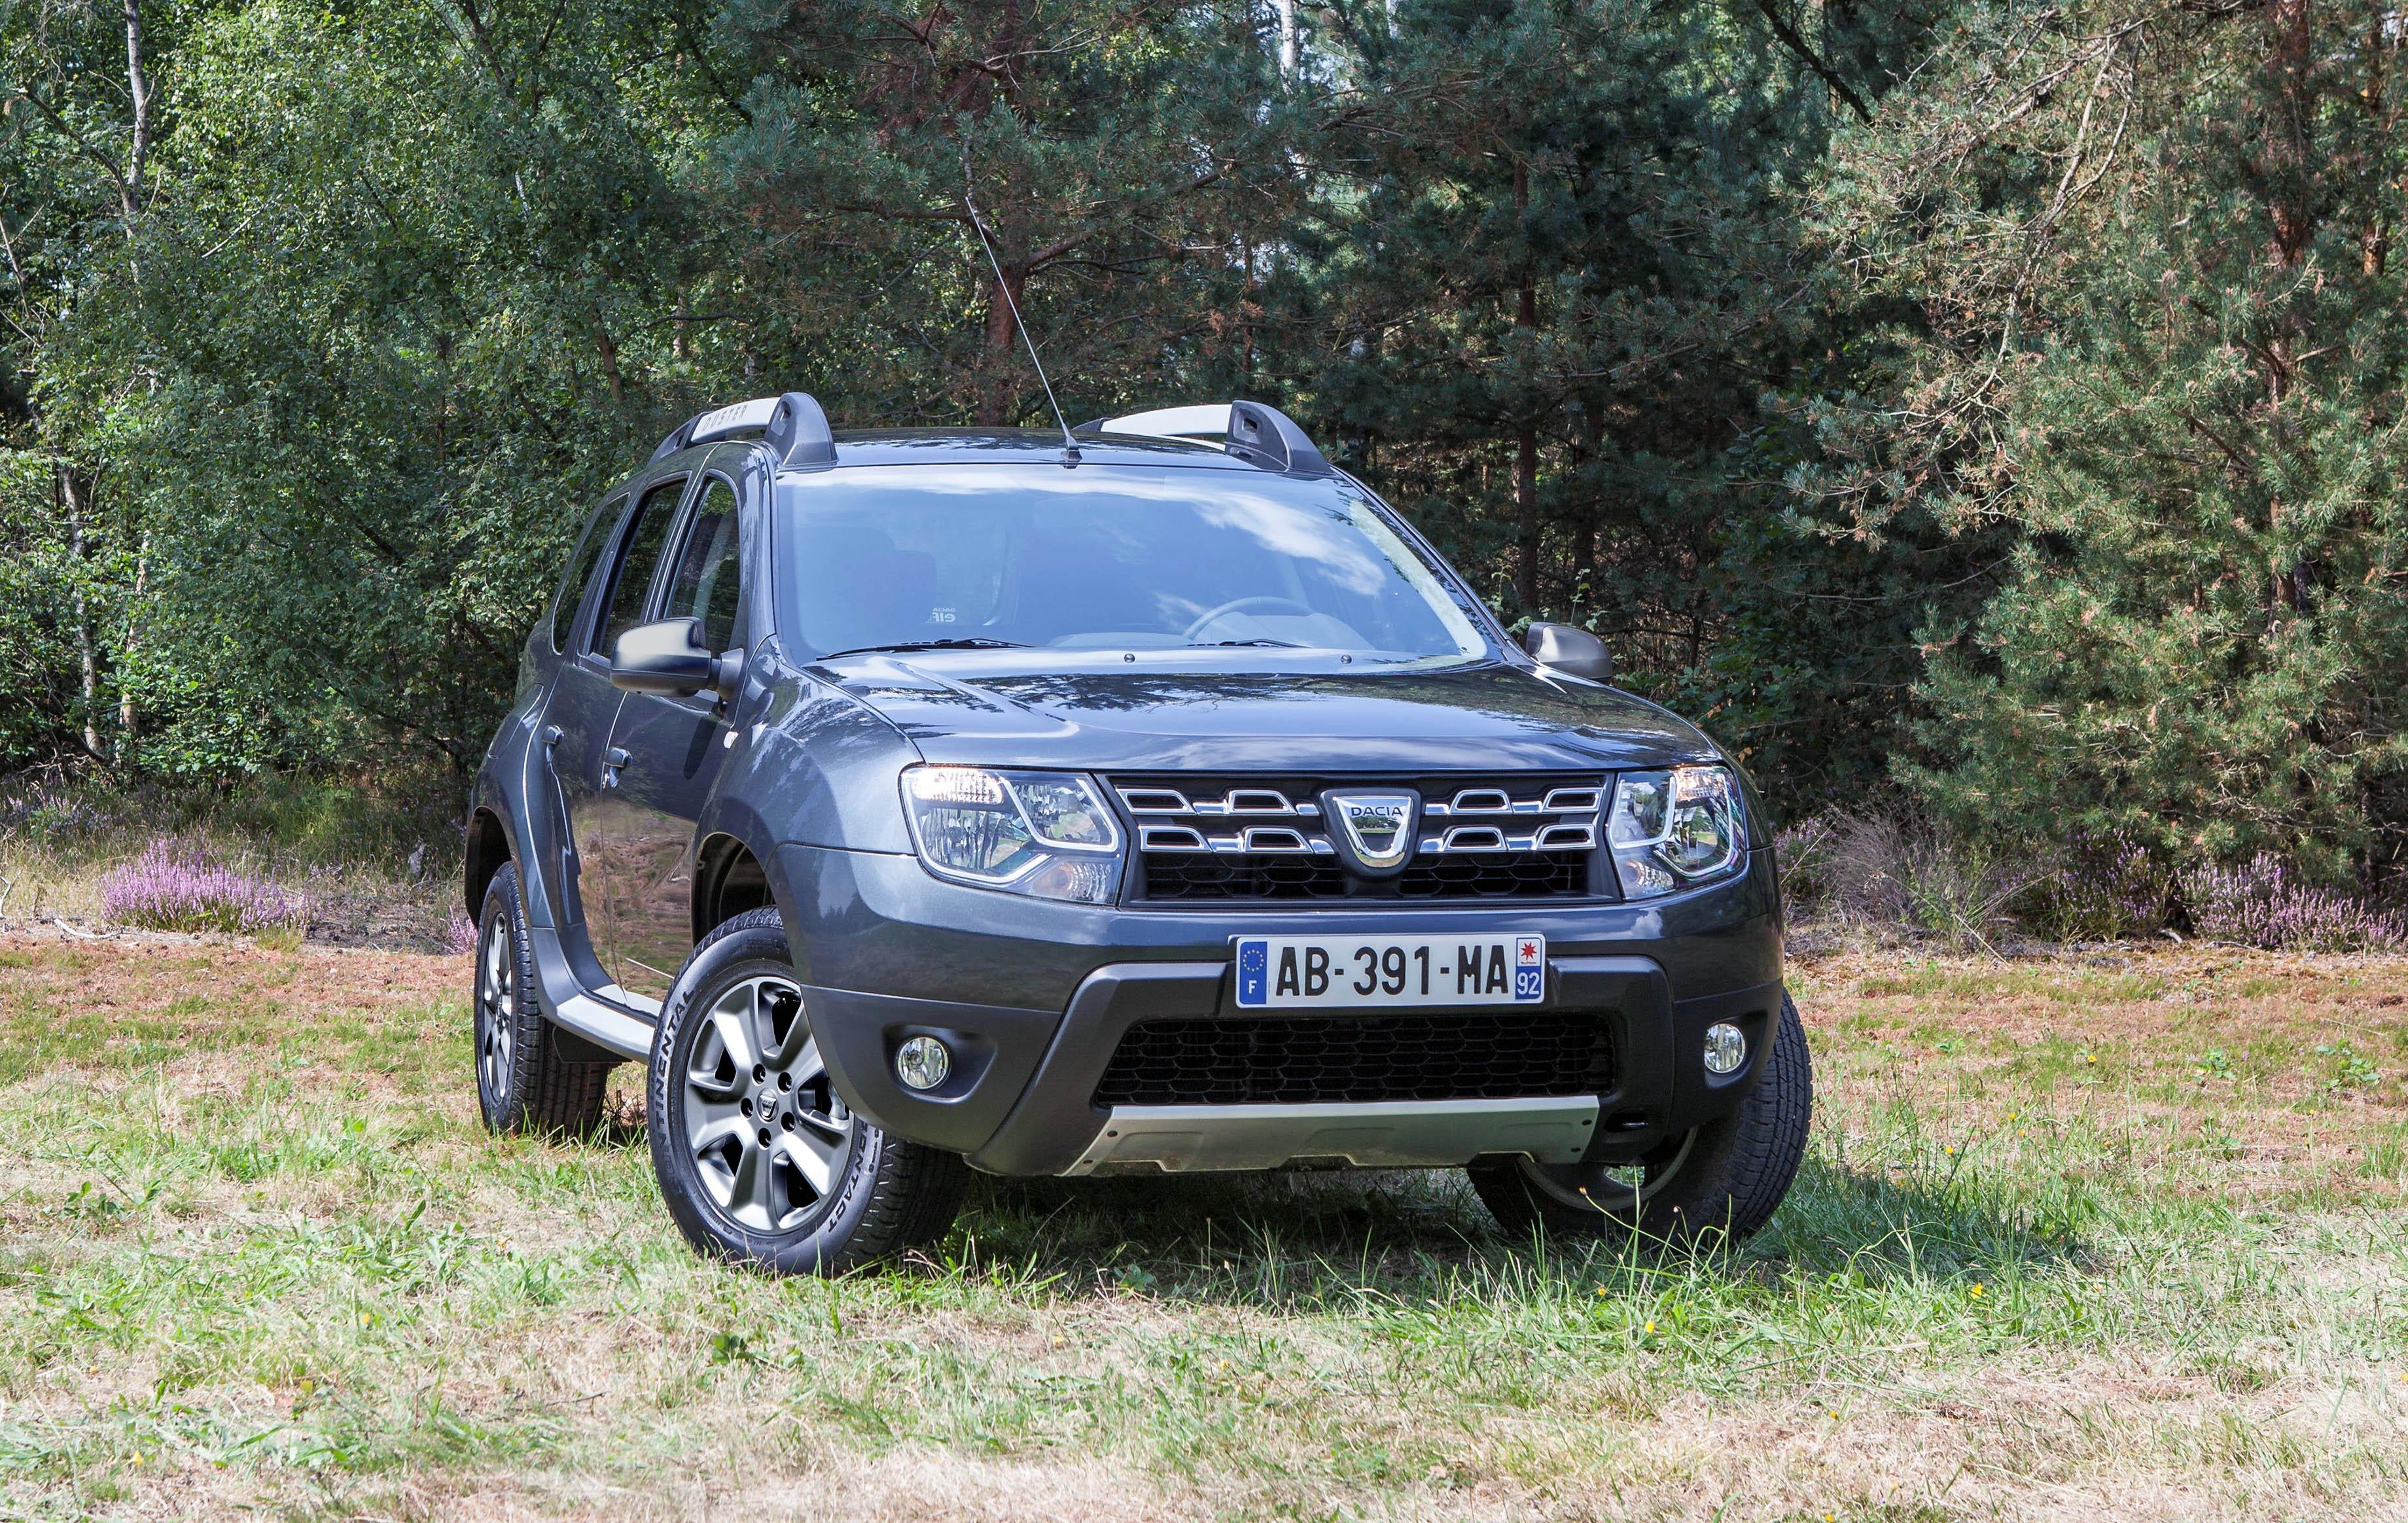 Dacia_50453_global_en.jpg